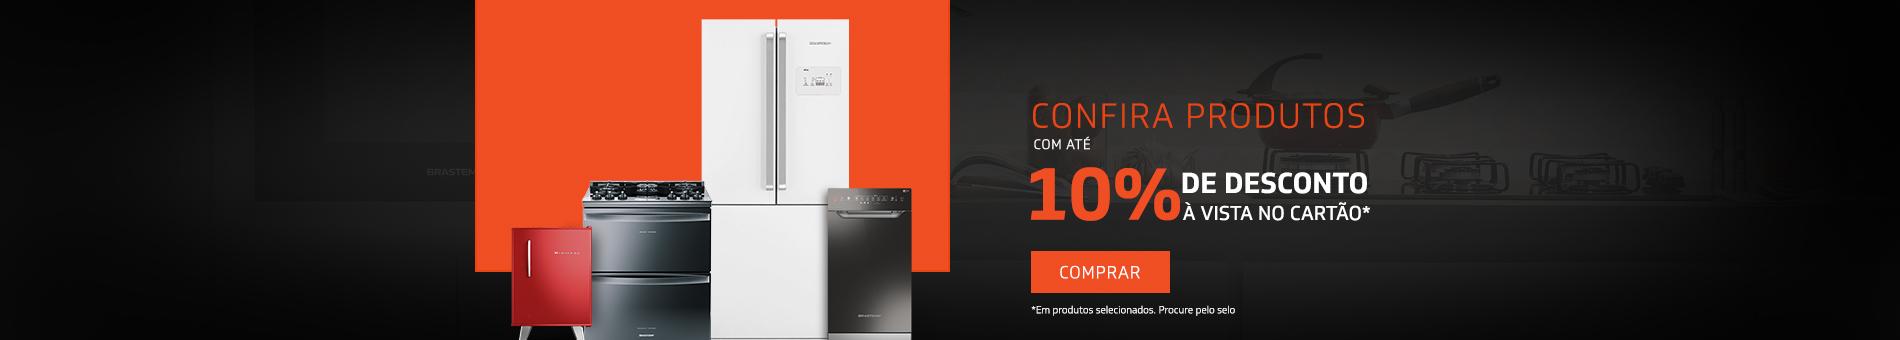 Promoção Interna - 2867 - campanha-generica_generico_19022019_home1 - generico - 1